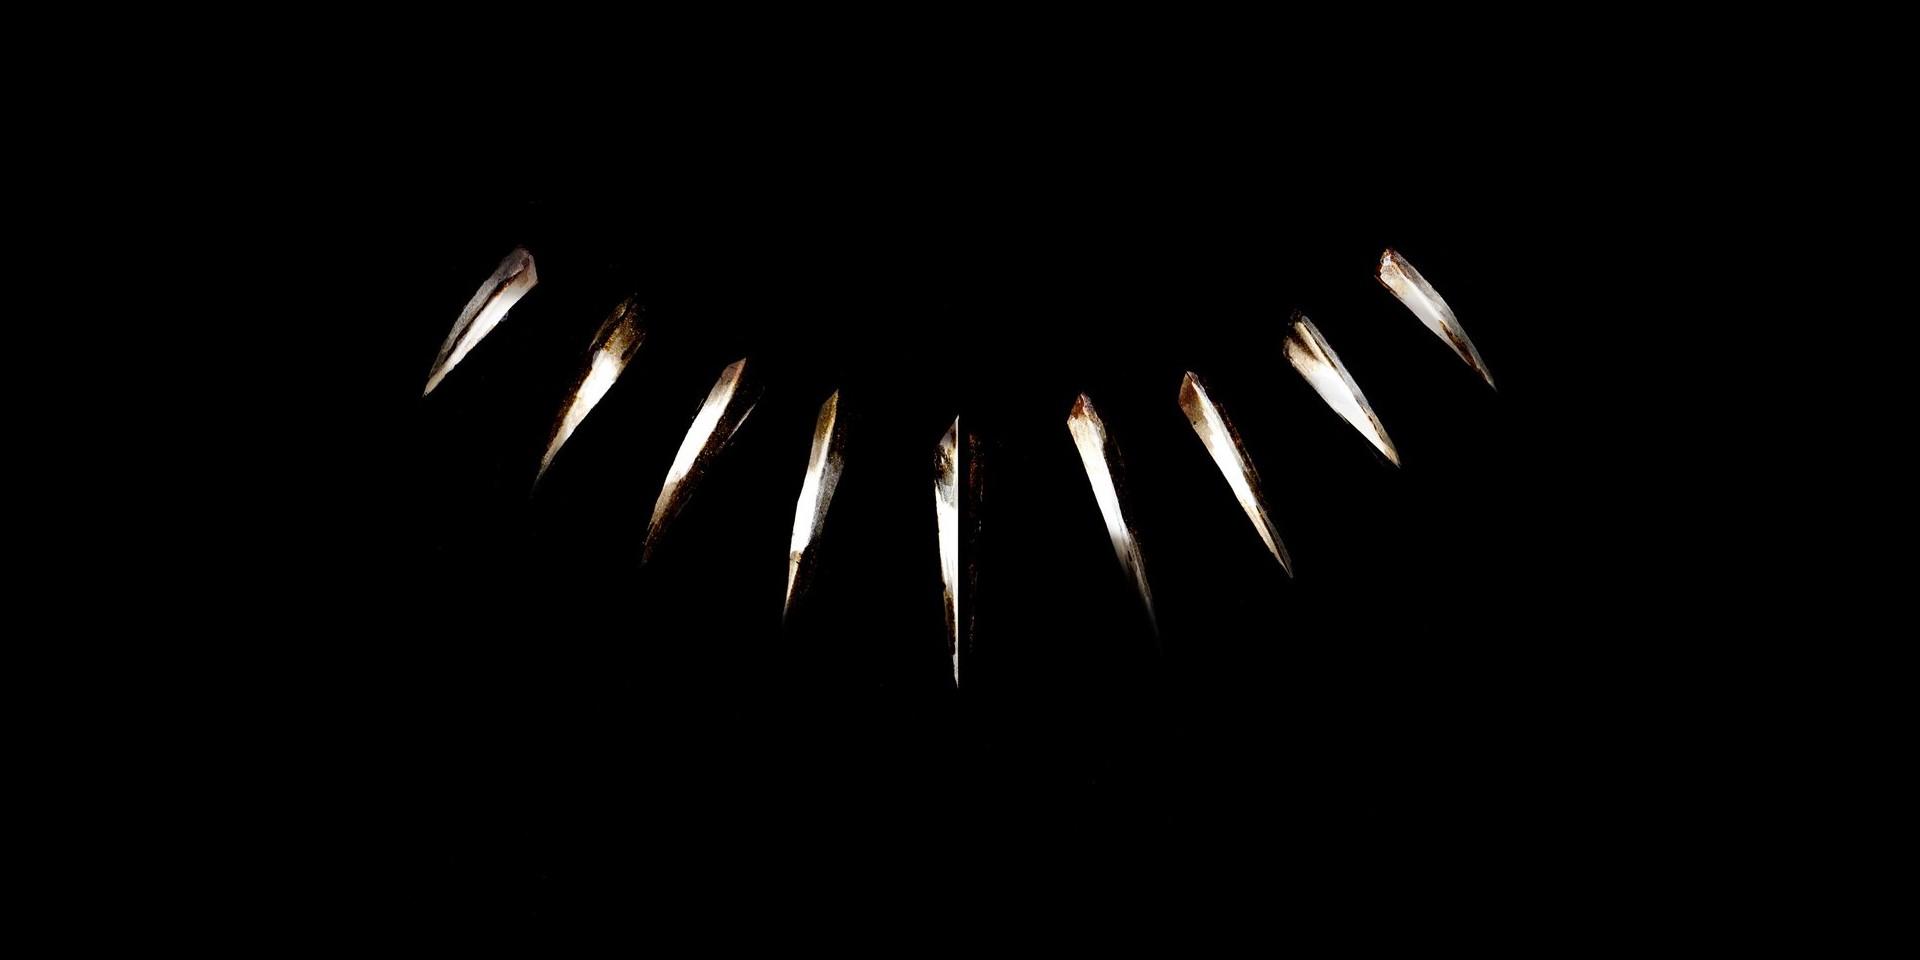 Kendrick Lamar unveils tracklist for Black Panther soundtrack